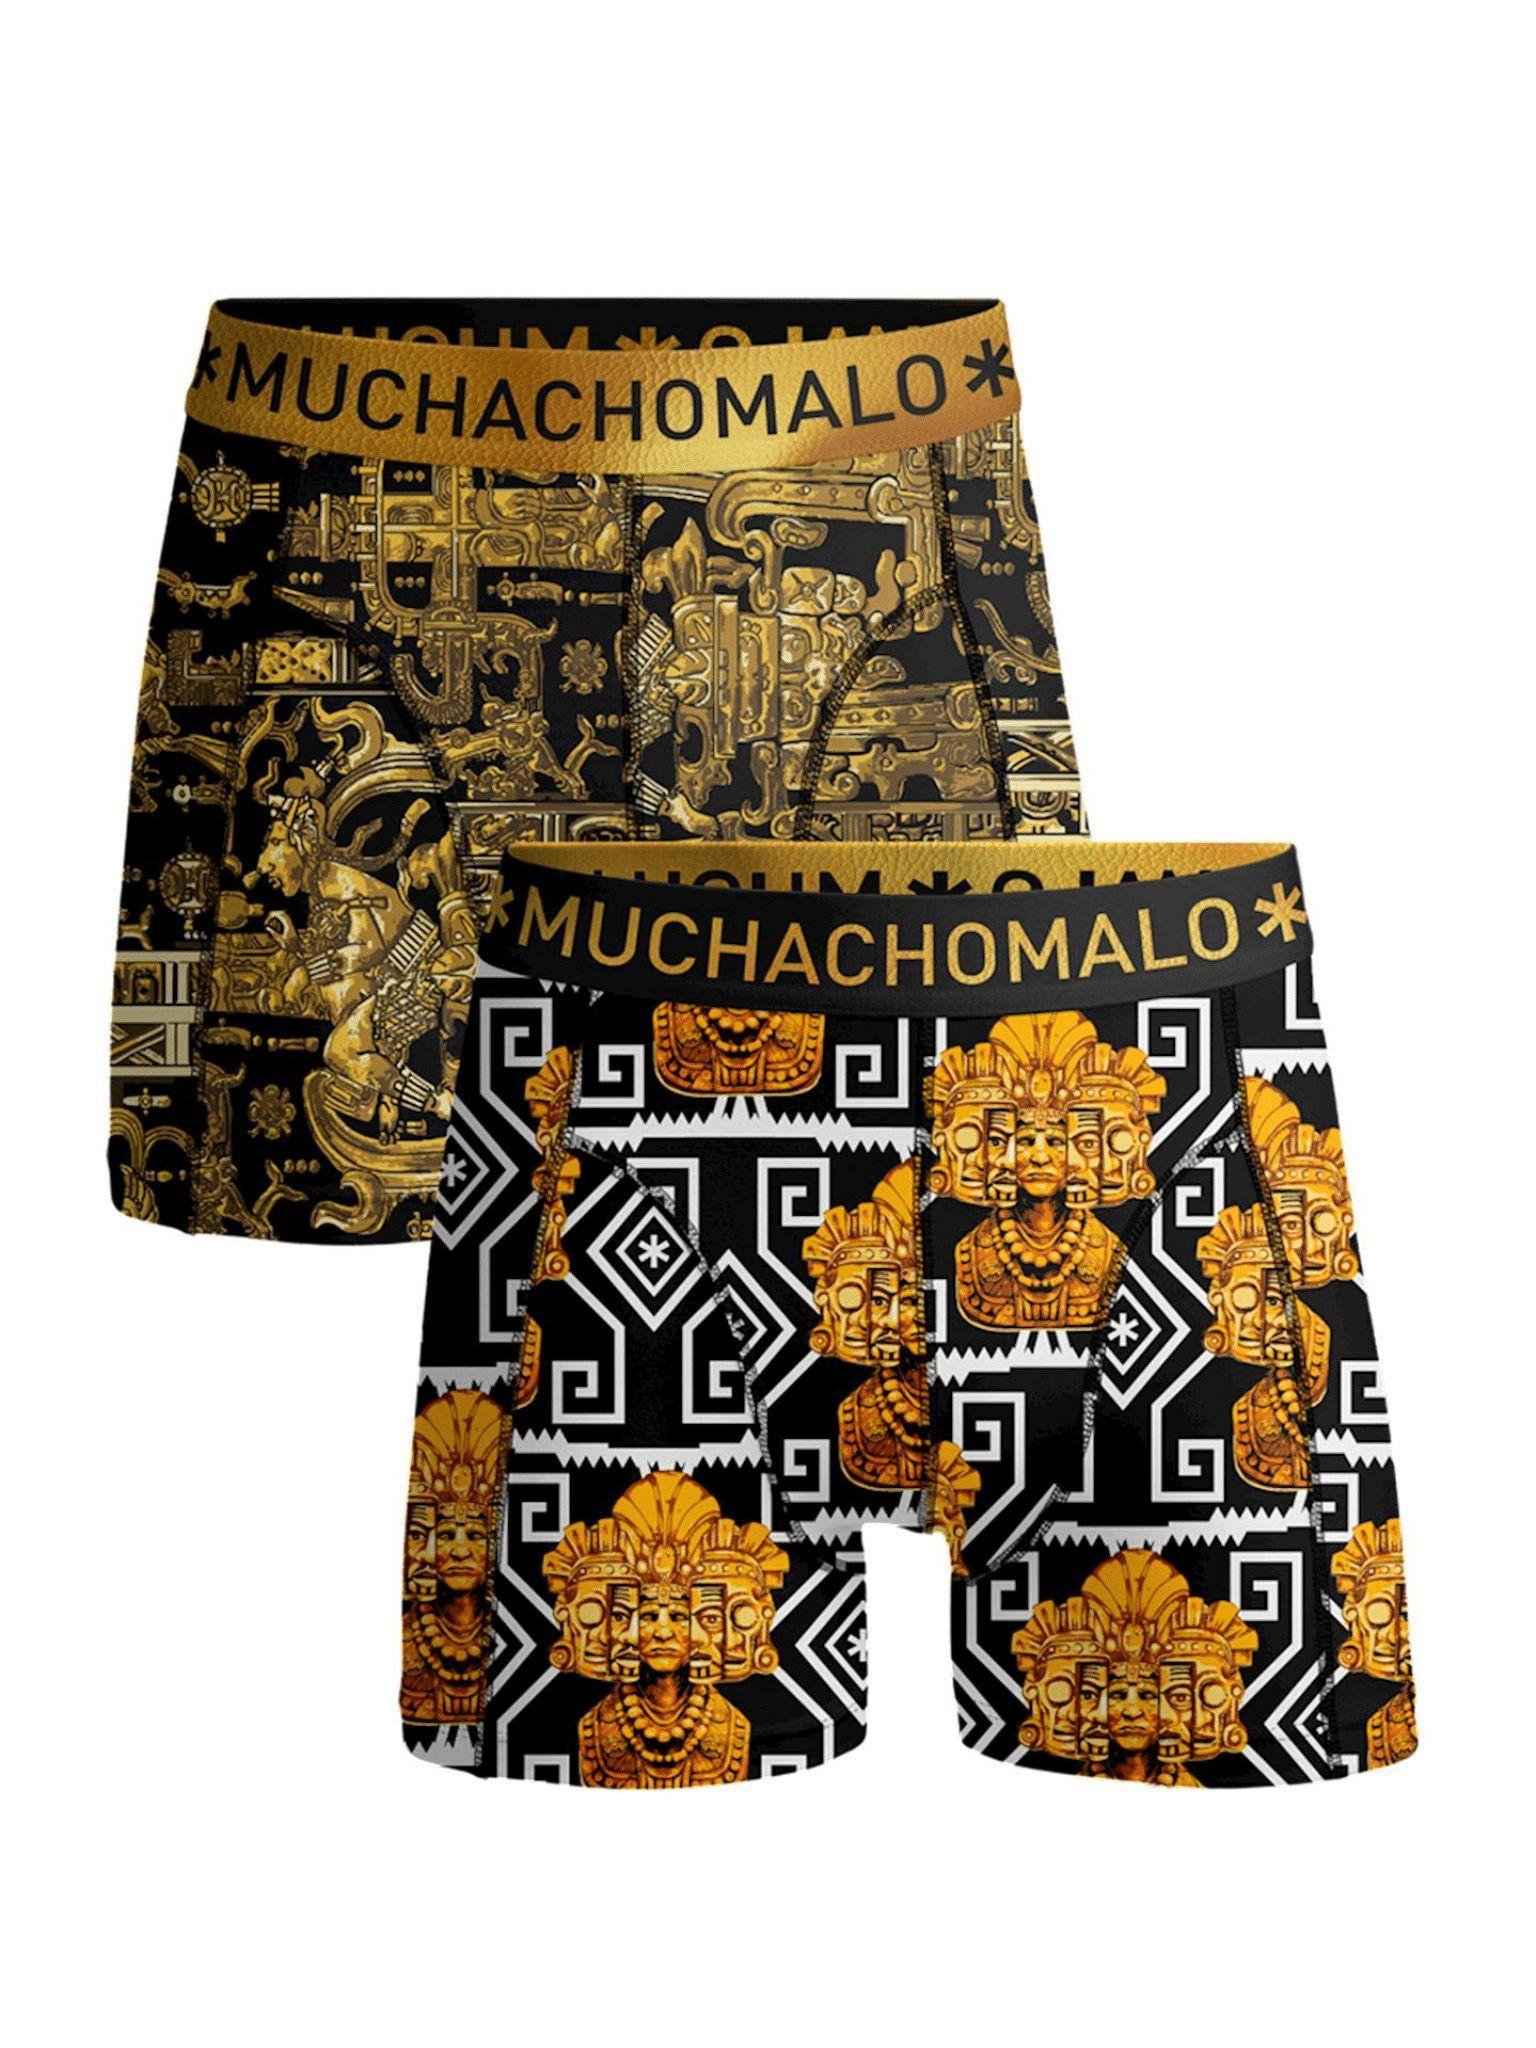 Muchachomalo 1010 Mayans